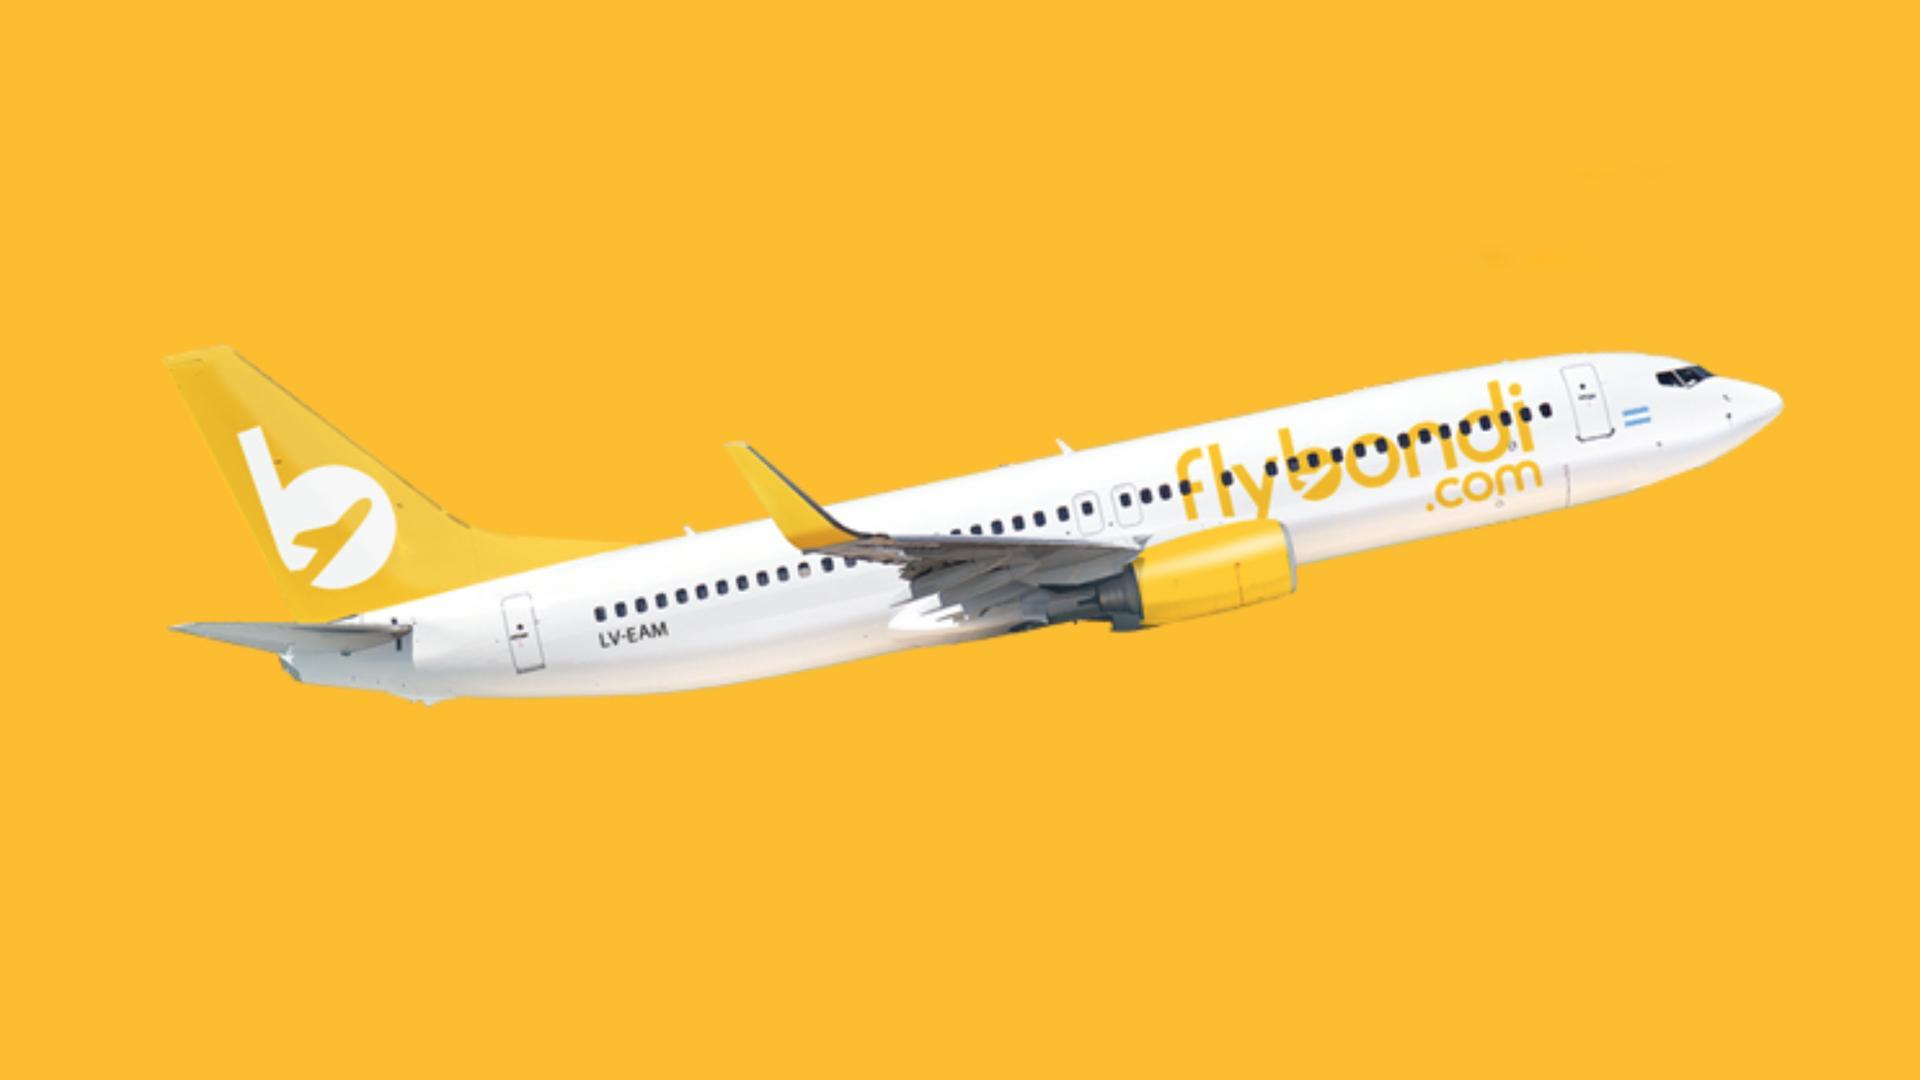 La aerolínea low-cost Flybondi.com anunció las ciudades argentinas a ...